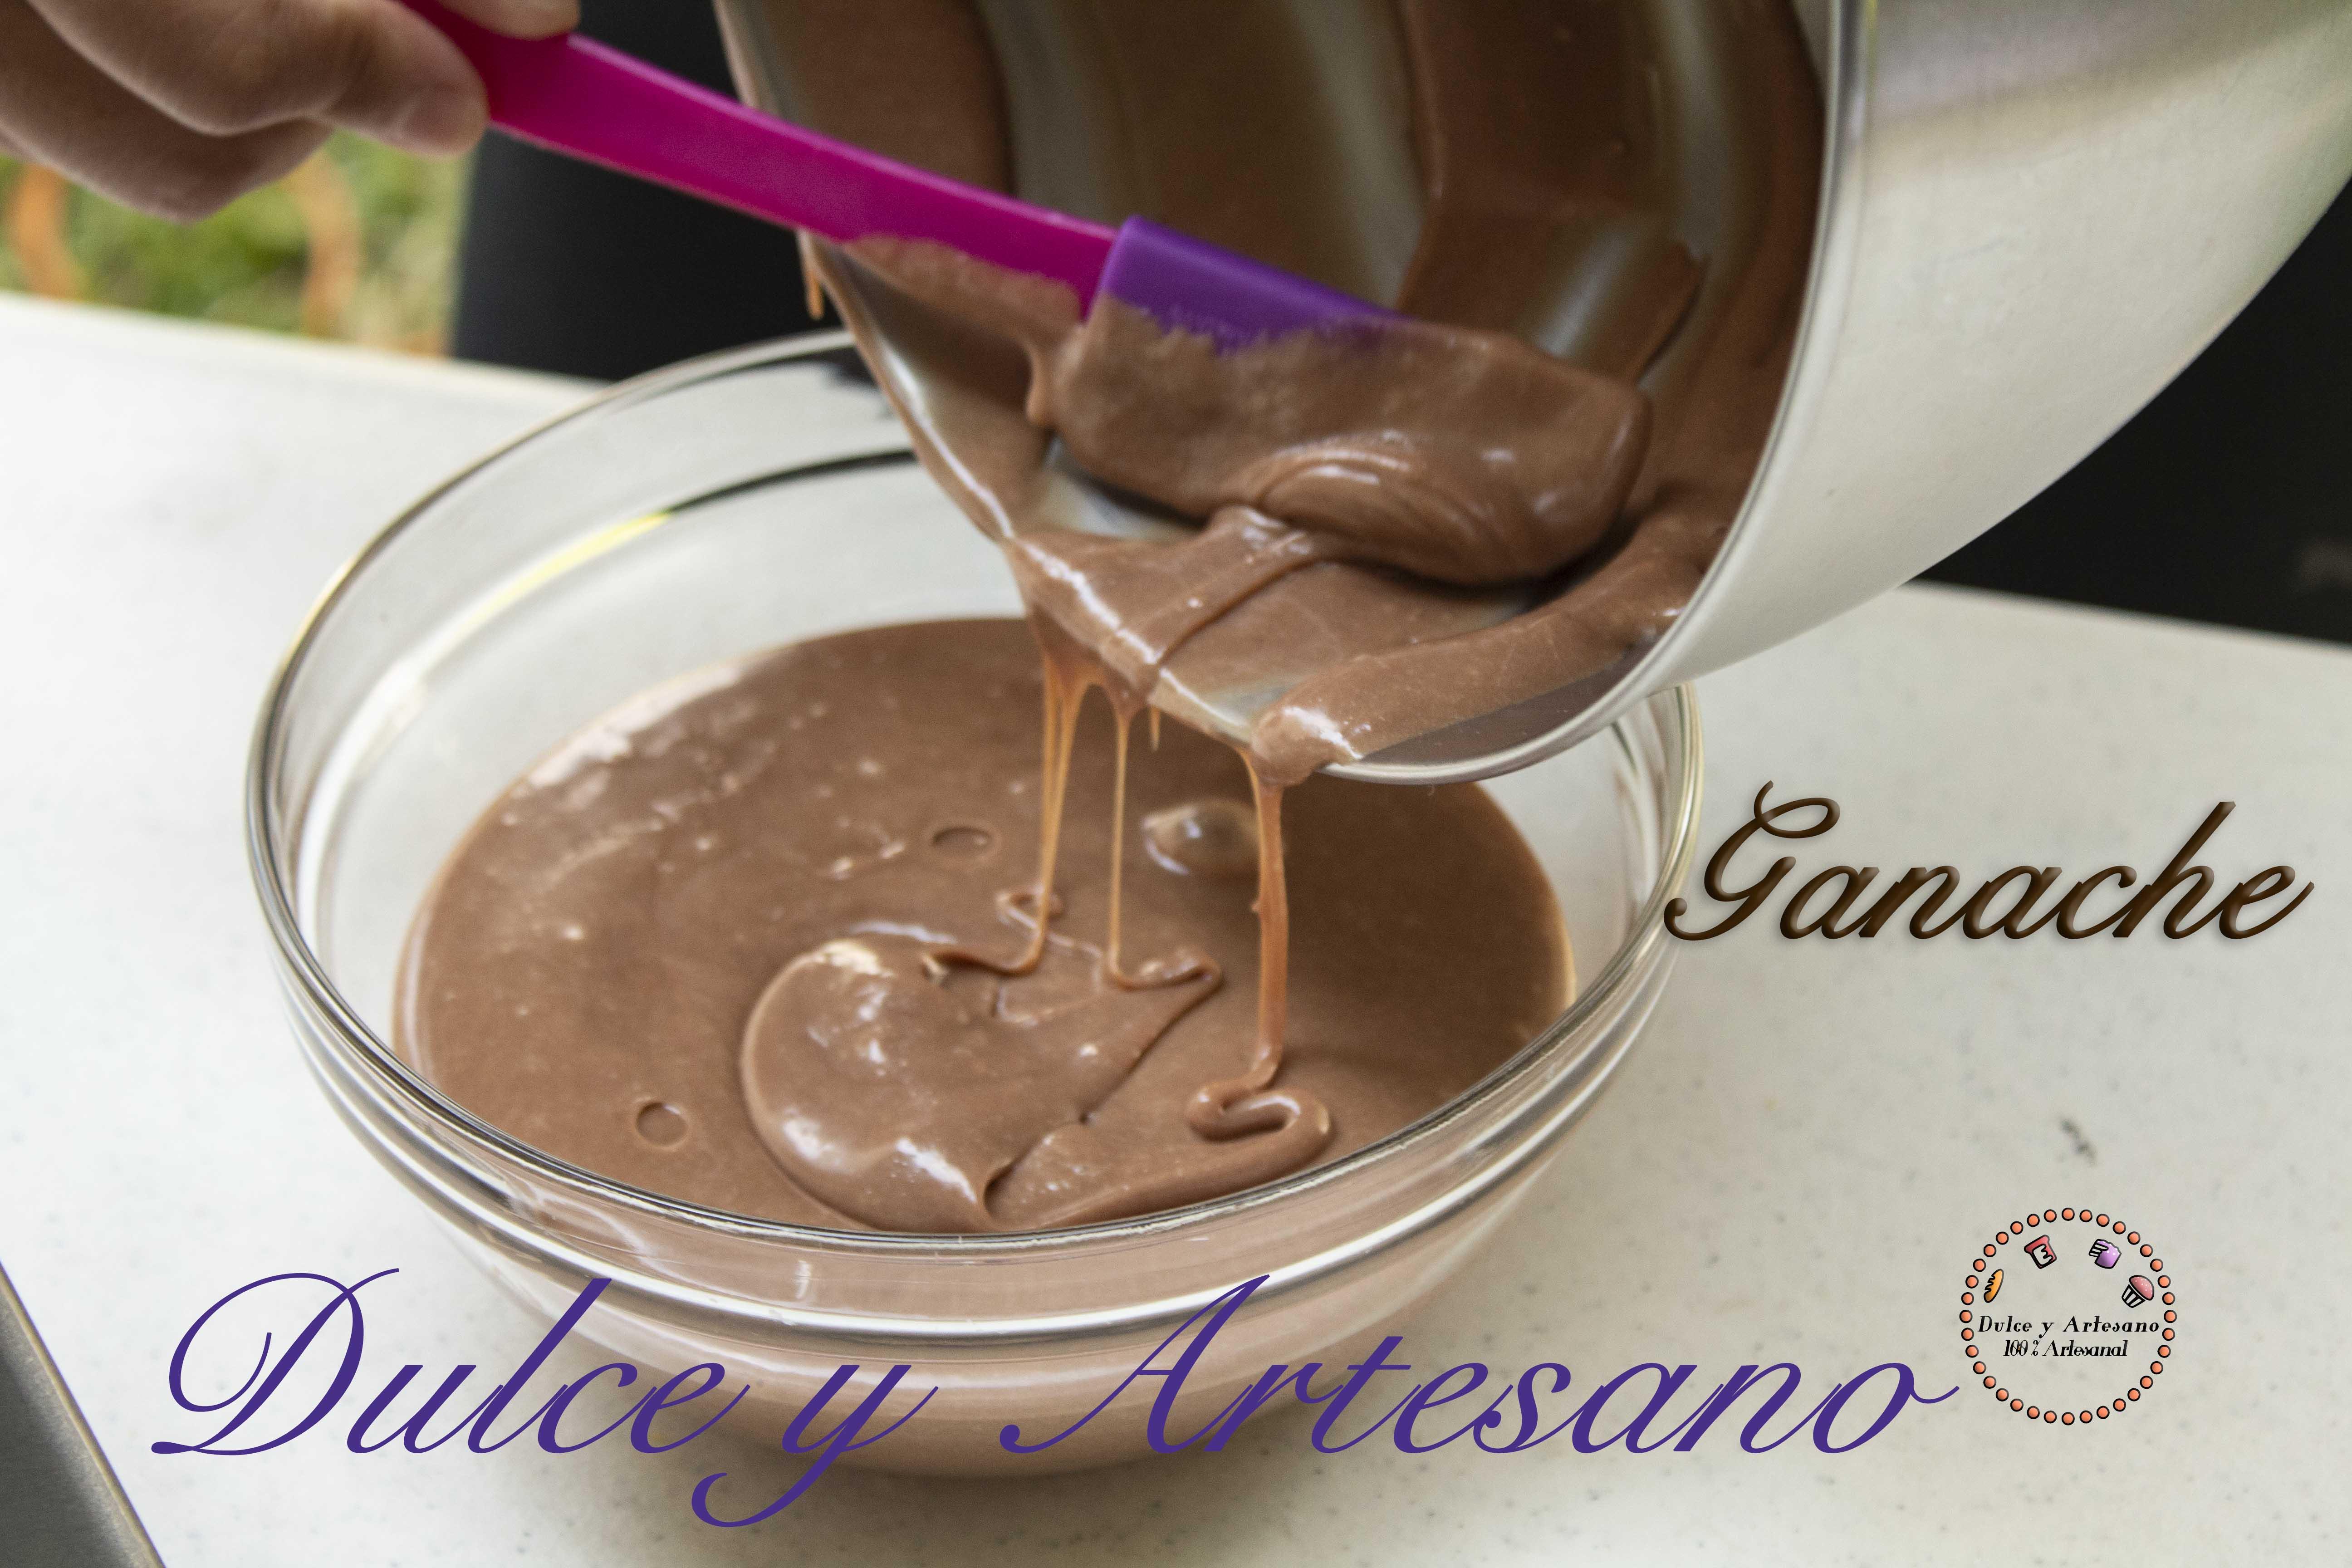 GANACHE DE CHOCOLATE PRINCIPAL